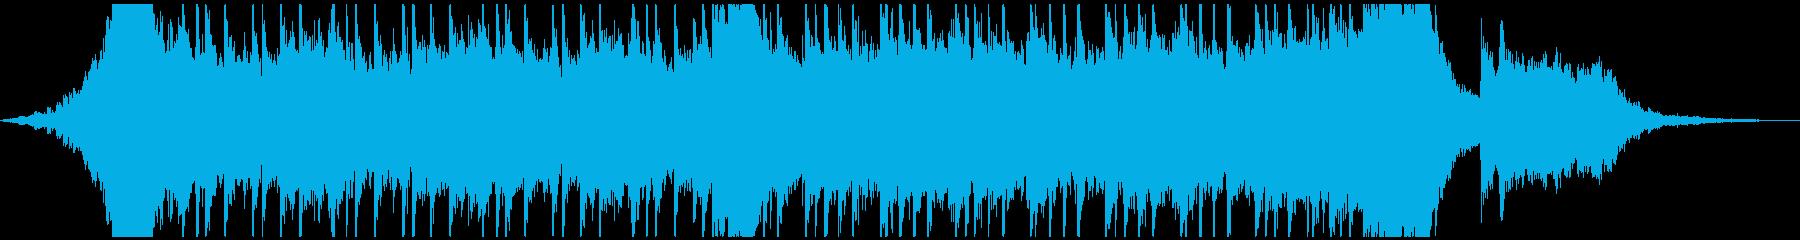 星空をイメージ。スケールの大きなバラードの再生済みの波形